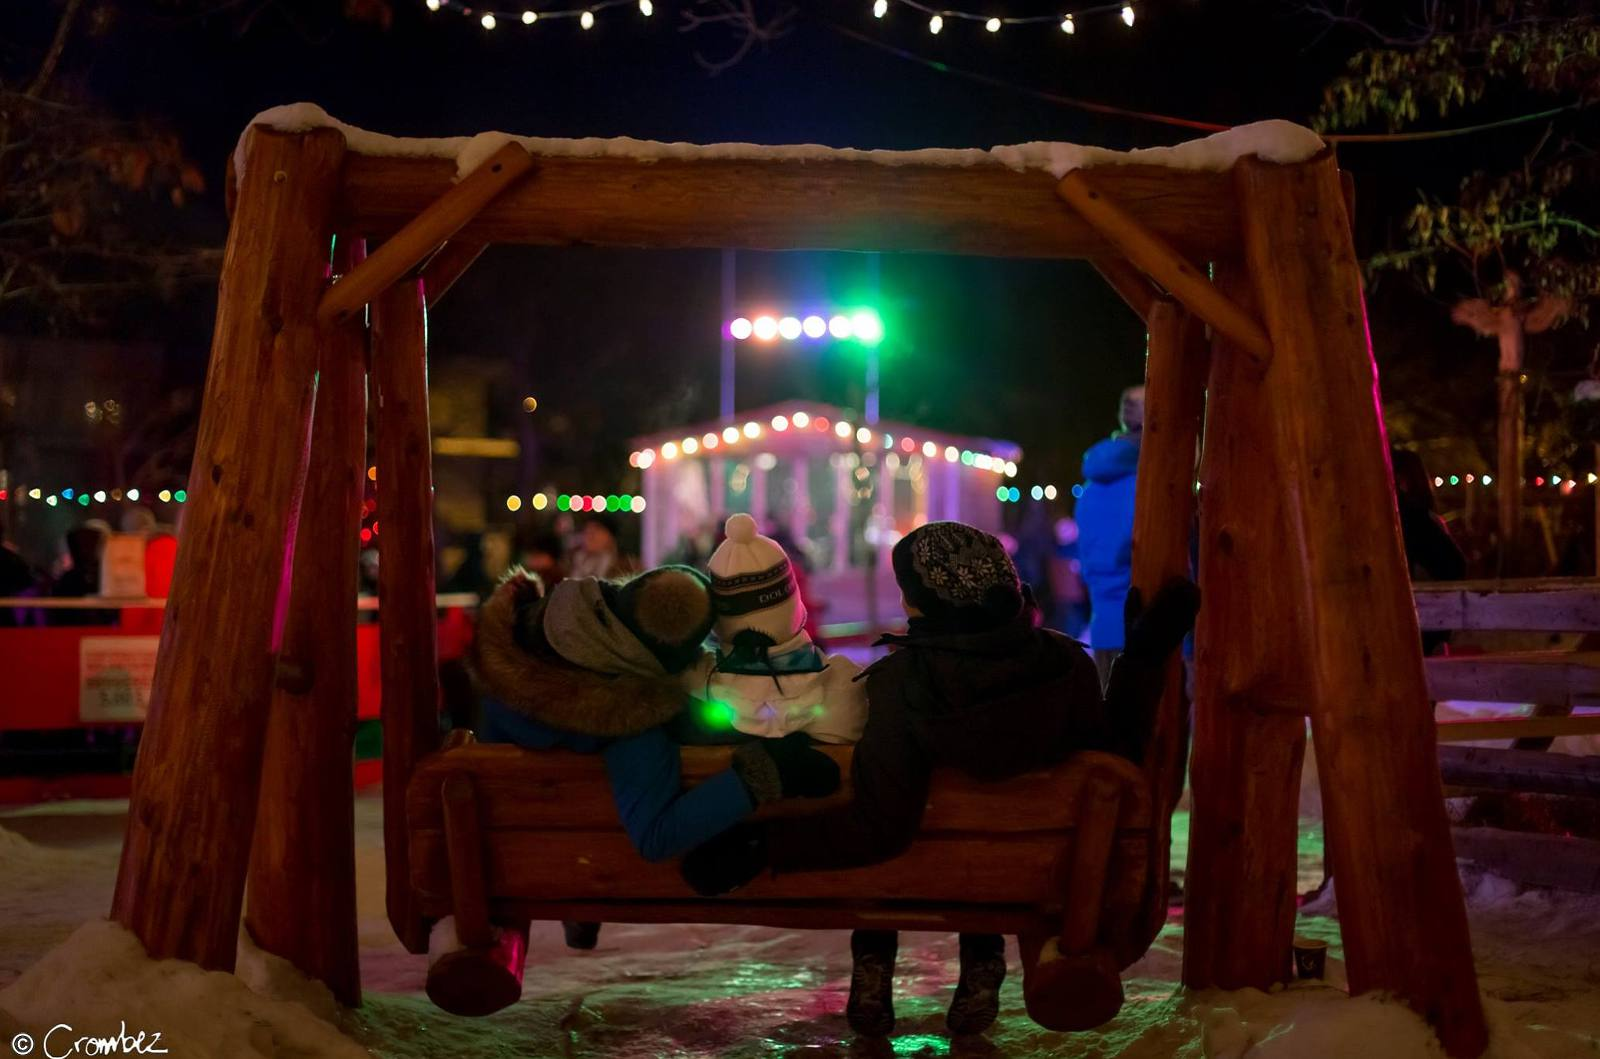 Kostenlose Aktivitäten in Montreal zu tun kommen Weihnachtsferien 2015-2016 umfassen Noël dans le Parc.